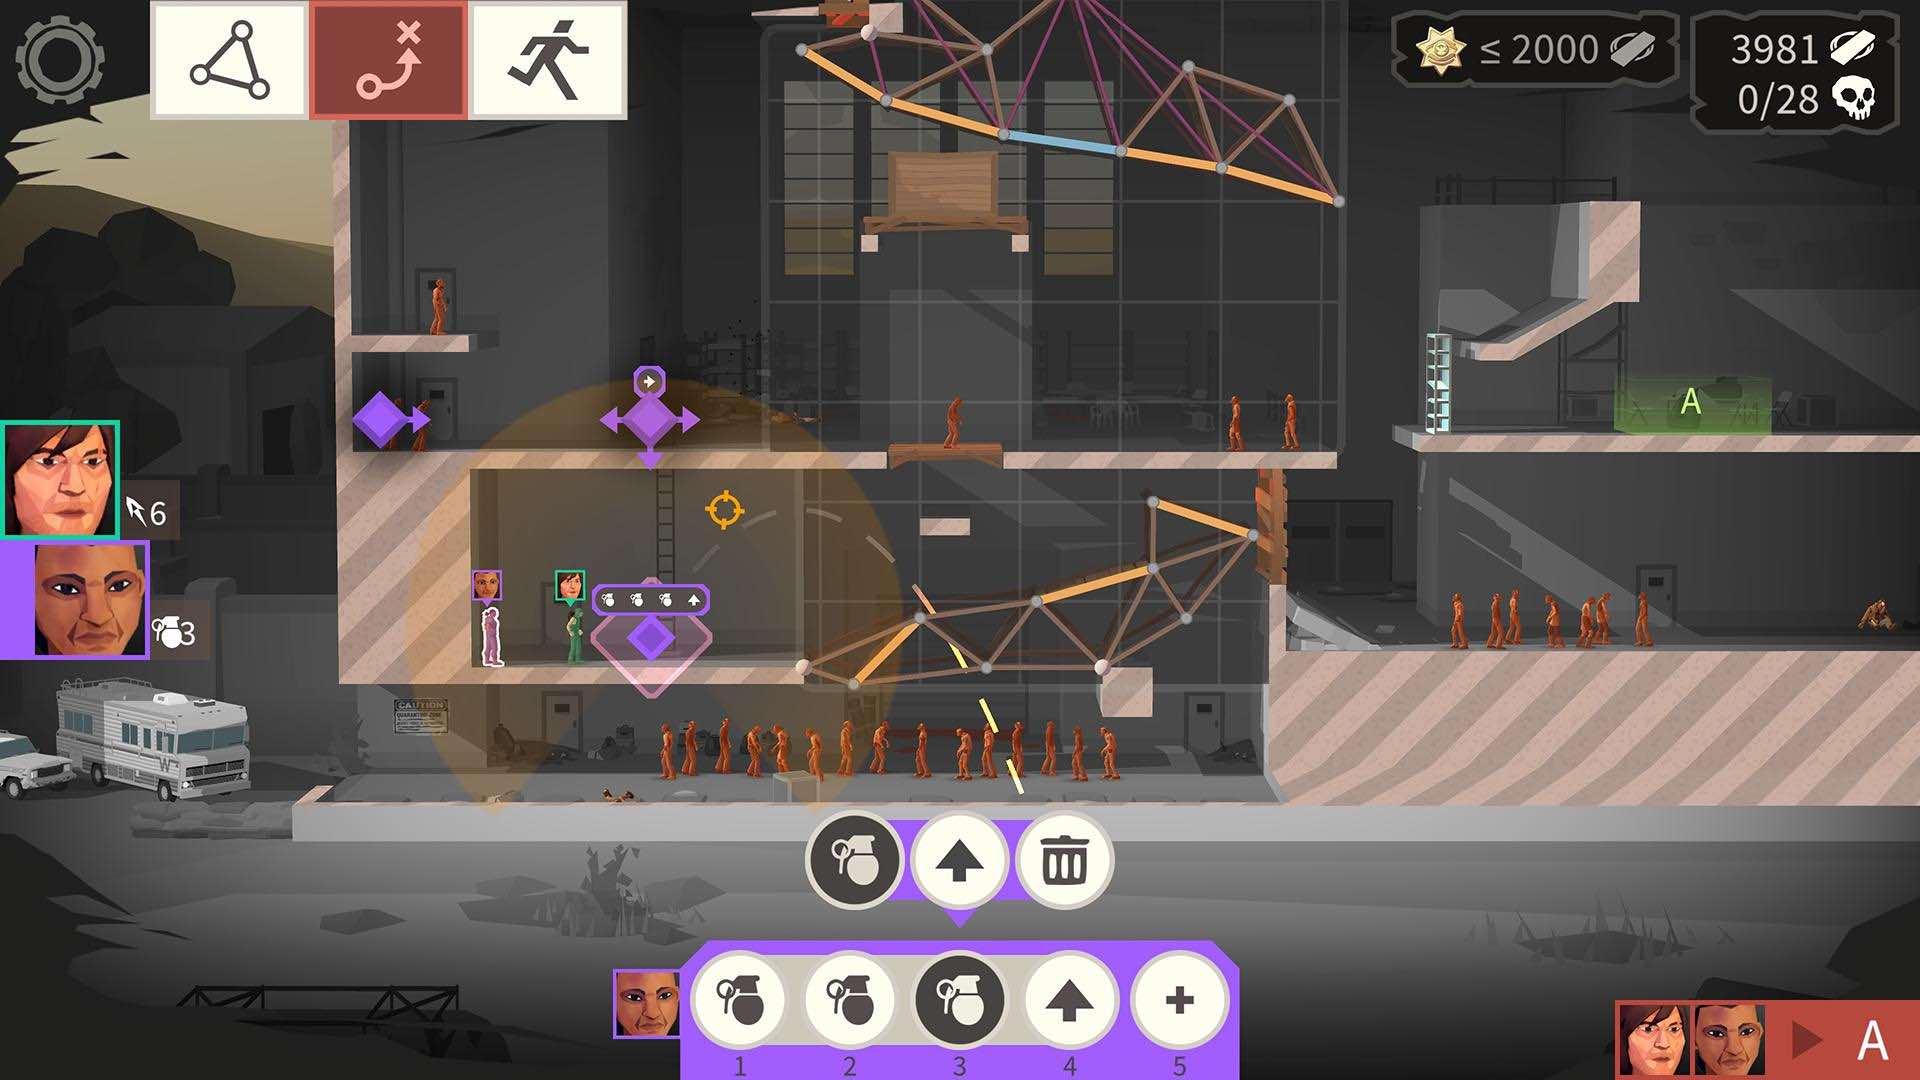 بازی Bridge Constructor